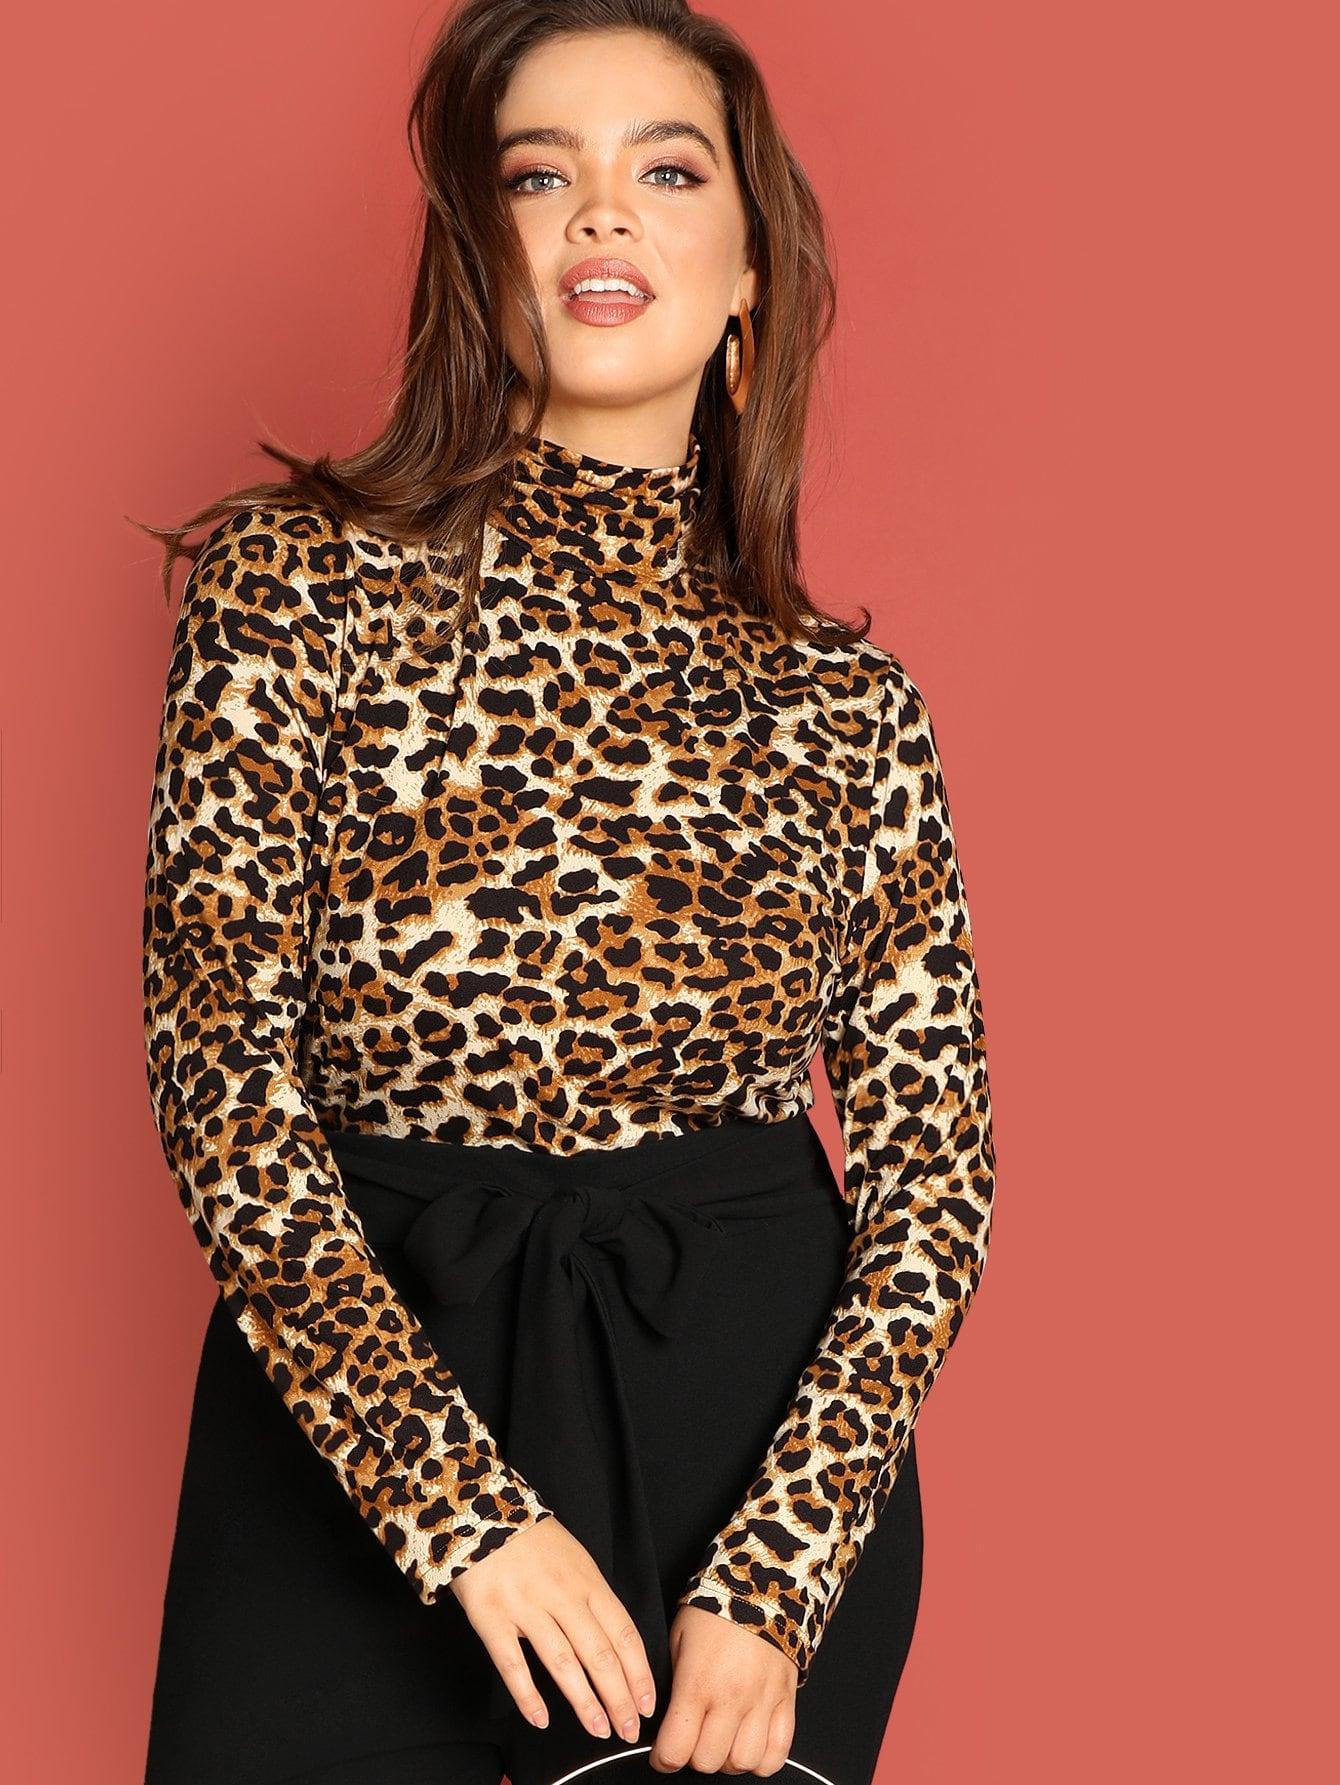 Купить Облегающая леопардовая футболка размера плюс, Faith Bowman, SheIn